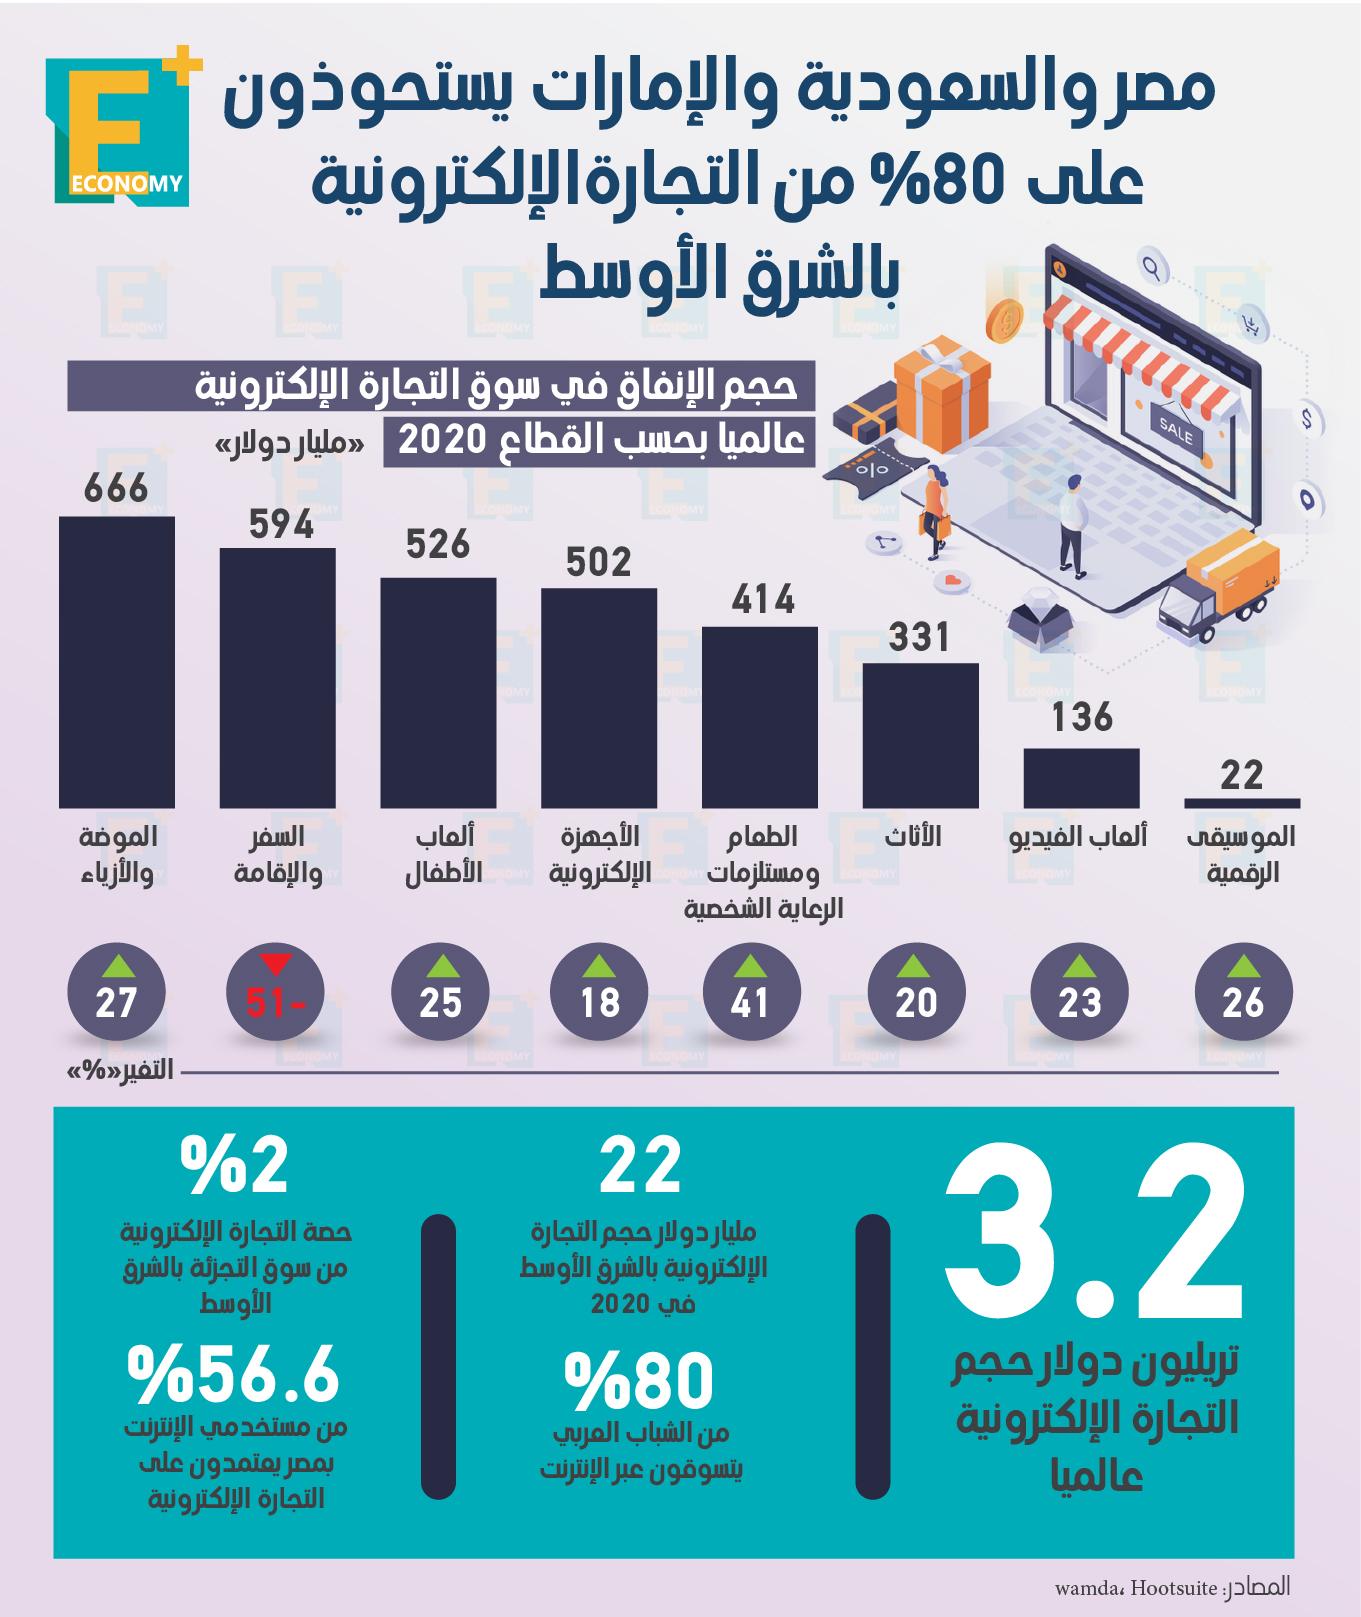 مصر والسعودية والإمارات يستحوذون على 80% من التجارة الإلكترونية بالشرق الأوسط